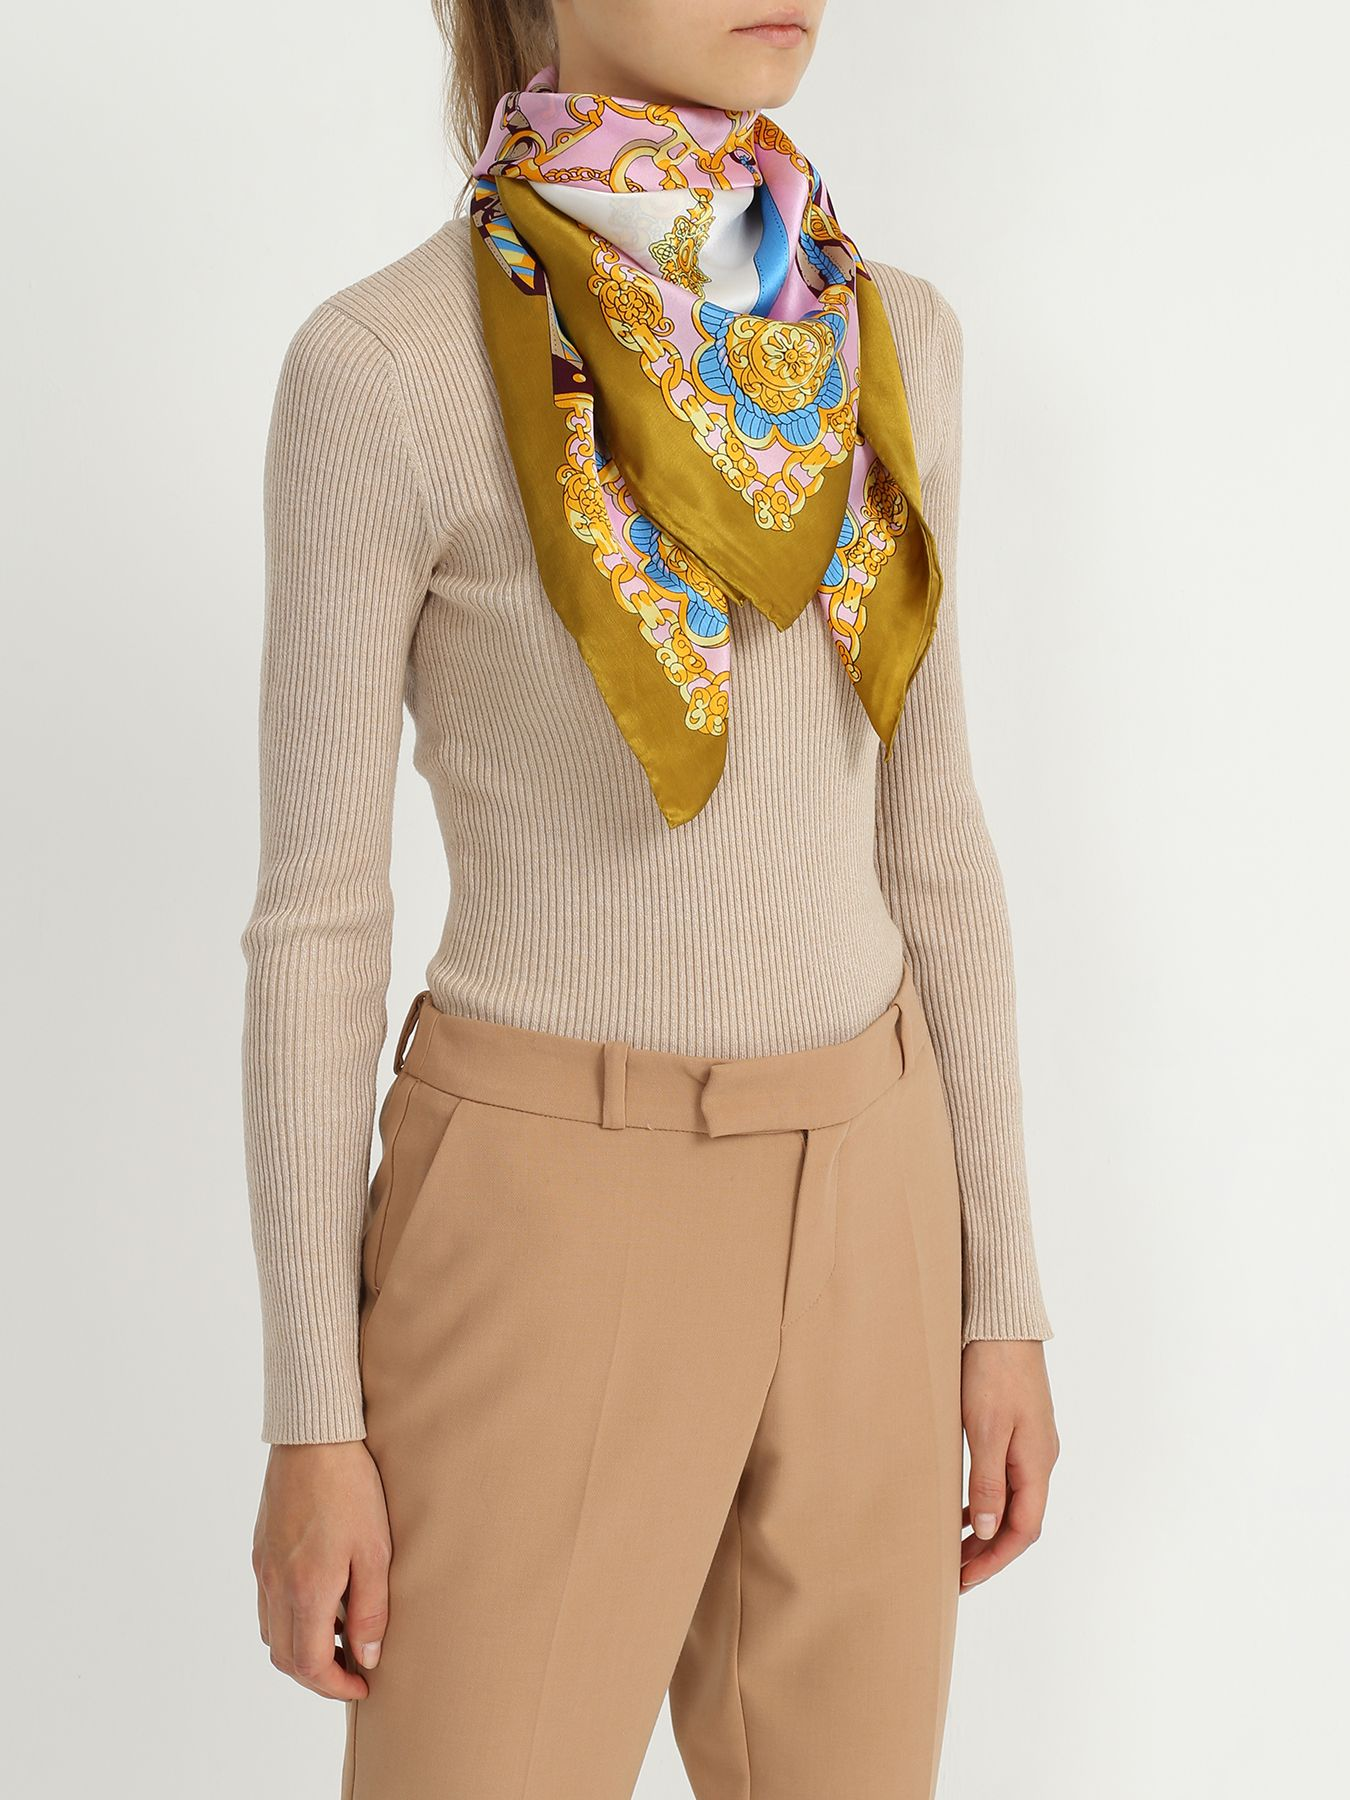 Платок ORSA Couture Платок с яркими узорами платок le motif couture le motif couture mp002xw1aegu